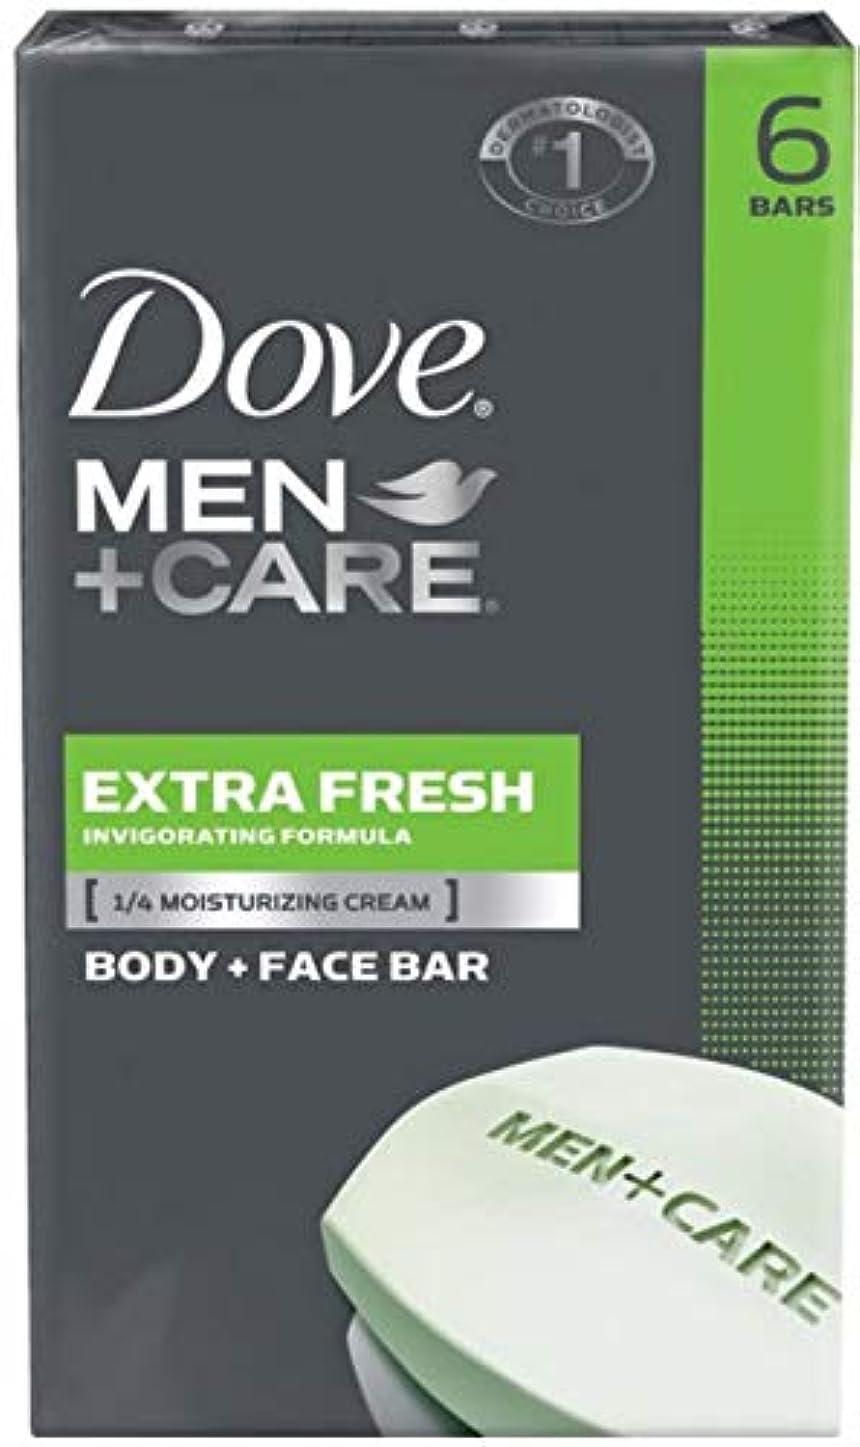 時間厳守デクリメントダーリンDove Men + Care Body and Face Bar, Extra Fresh 4oz x 6soaps ダブ メン プラスケア エクストラフレッシュ 固形石鹸 4oz x 6個パック